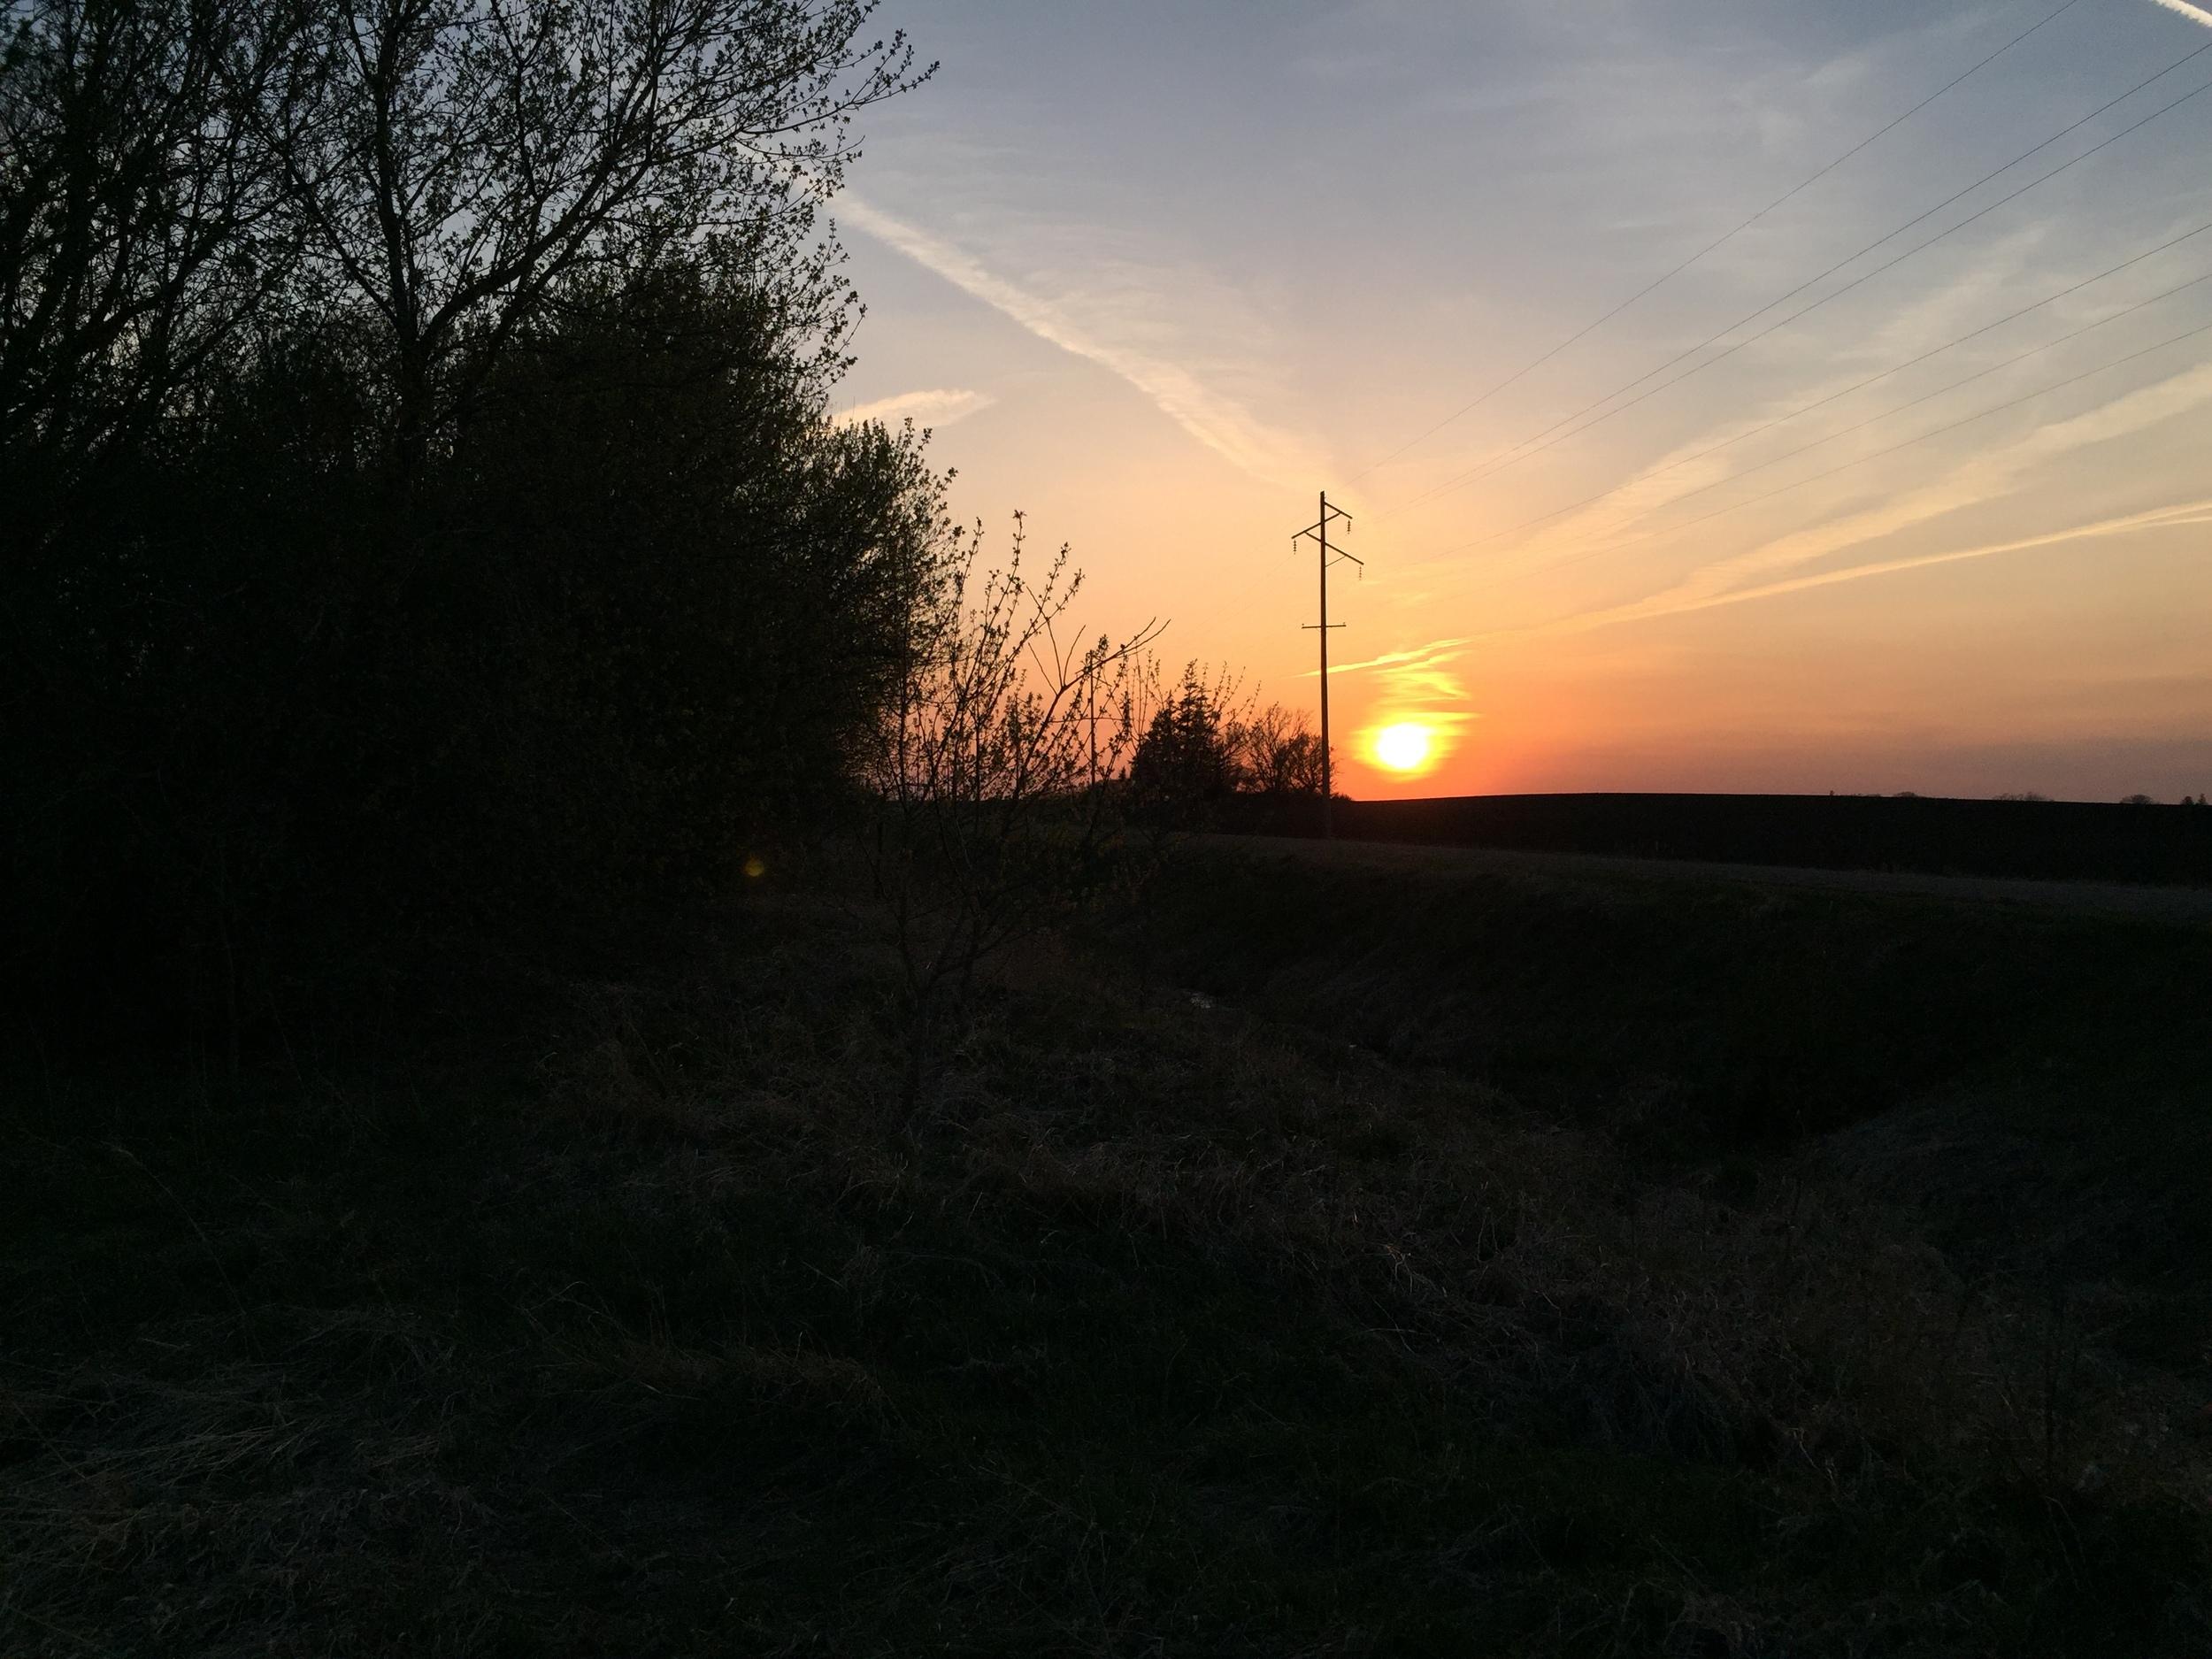 Sunset after a long days work.